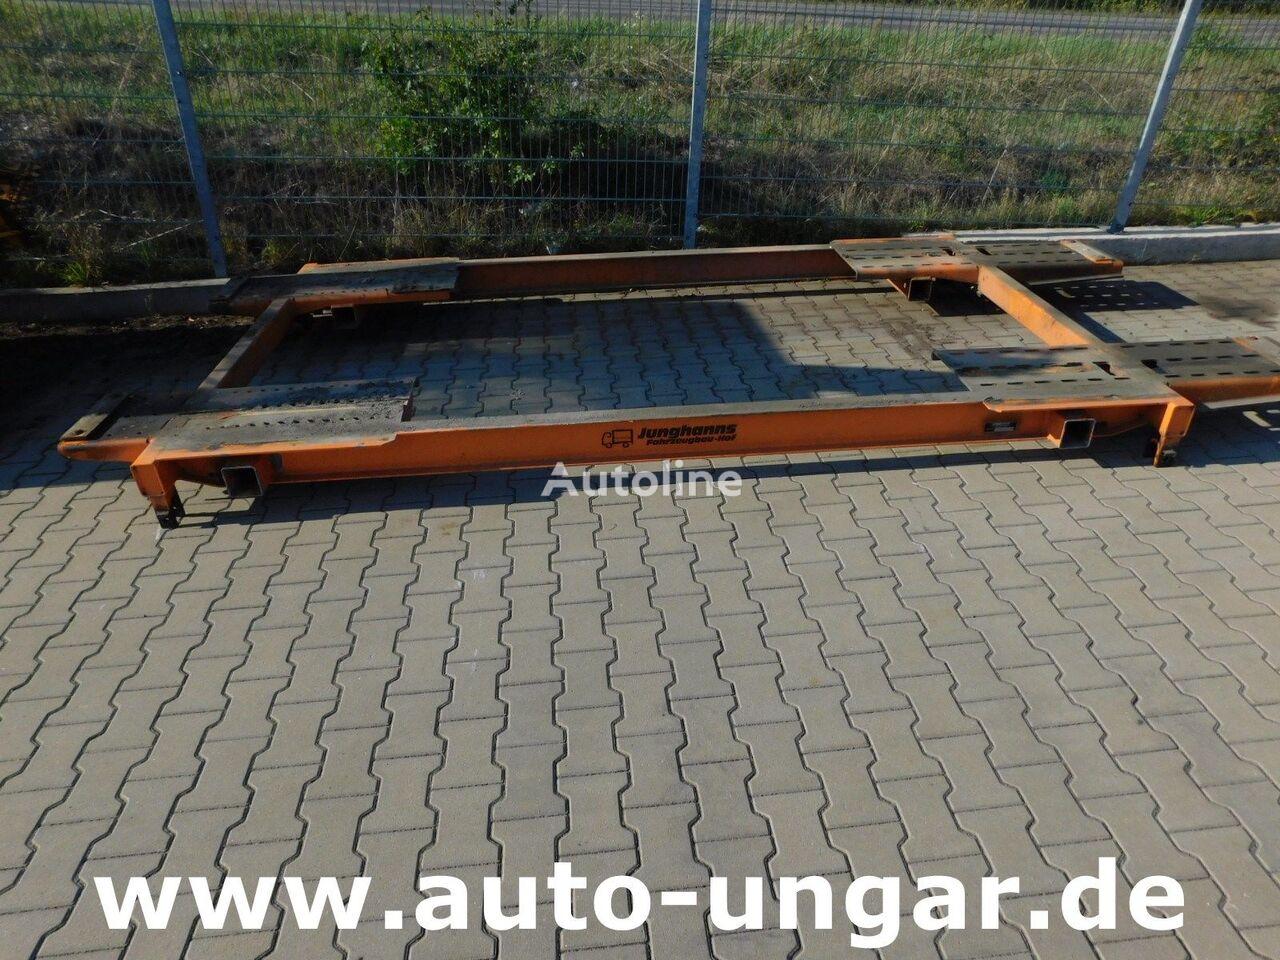 Junghans Hilfsrahmen  IVECO für LKW 3-Achser Kipper-Aufnahme otra pieza de carrocería para IVECO TRAKKER camión